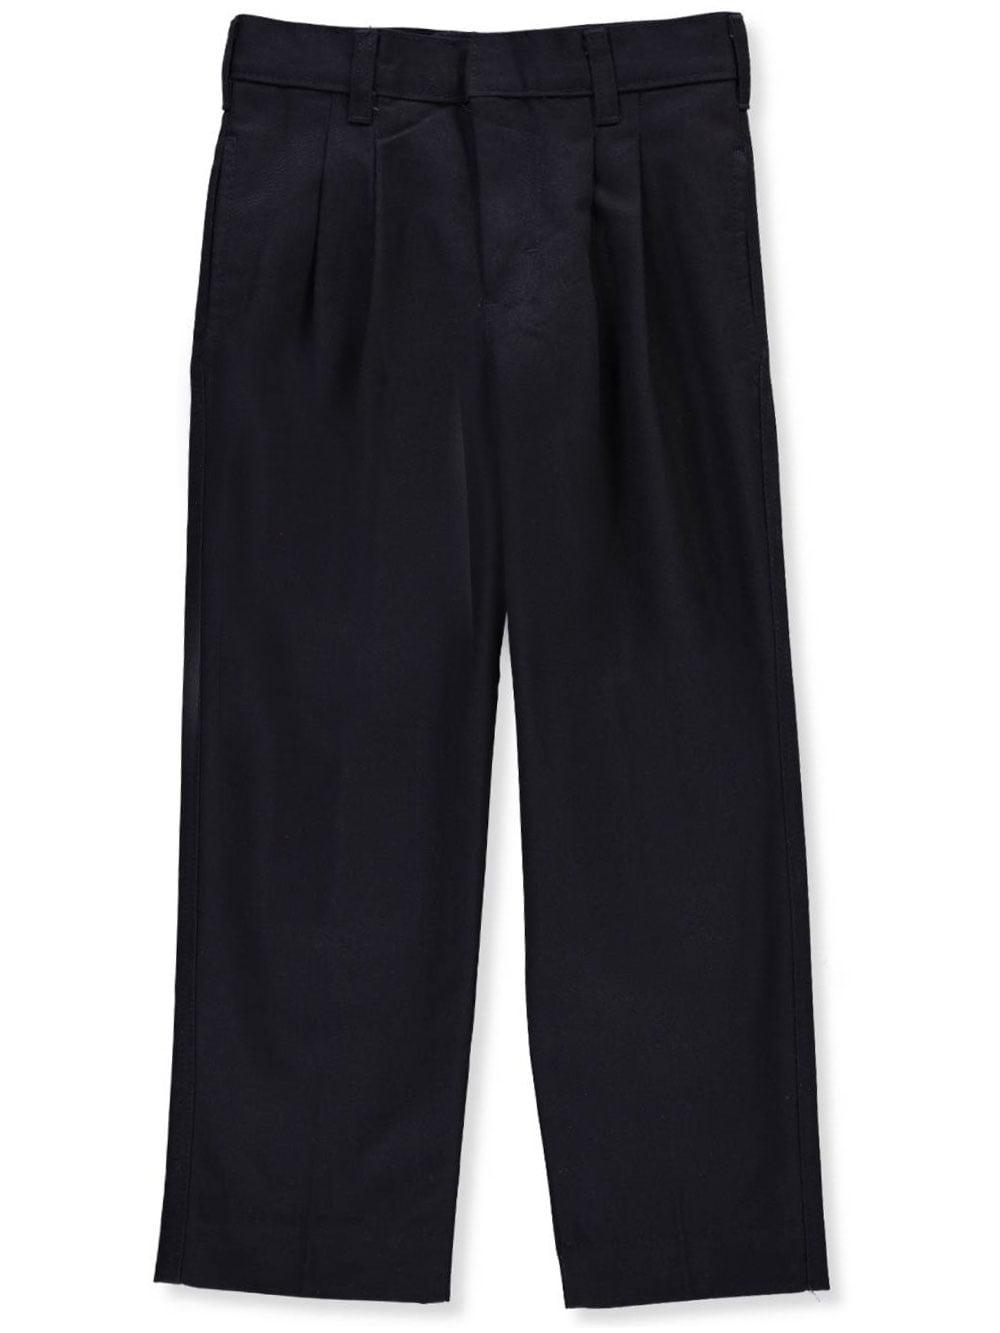 A+ Boys' Pleated Uniform Pants